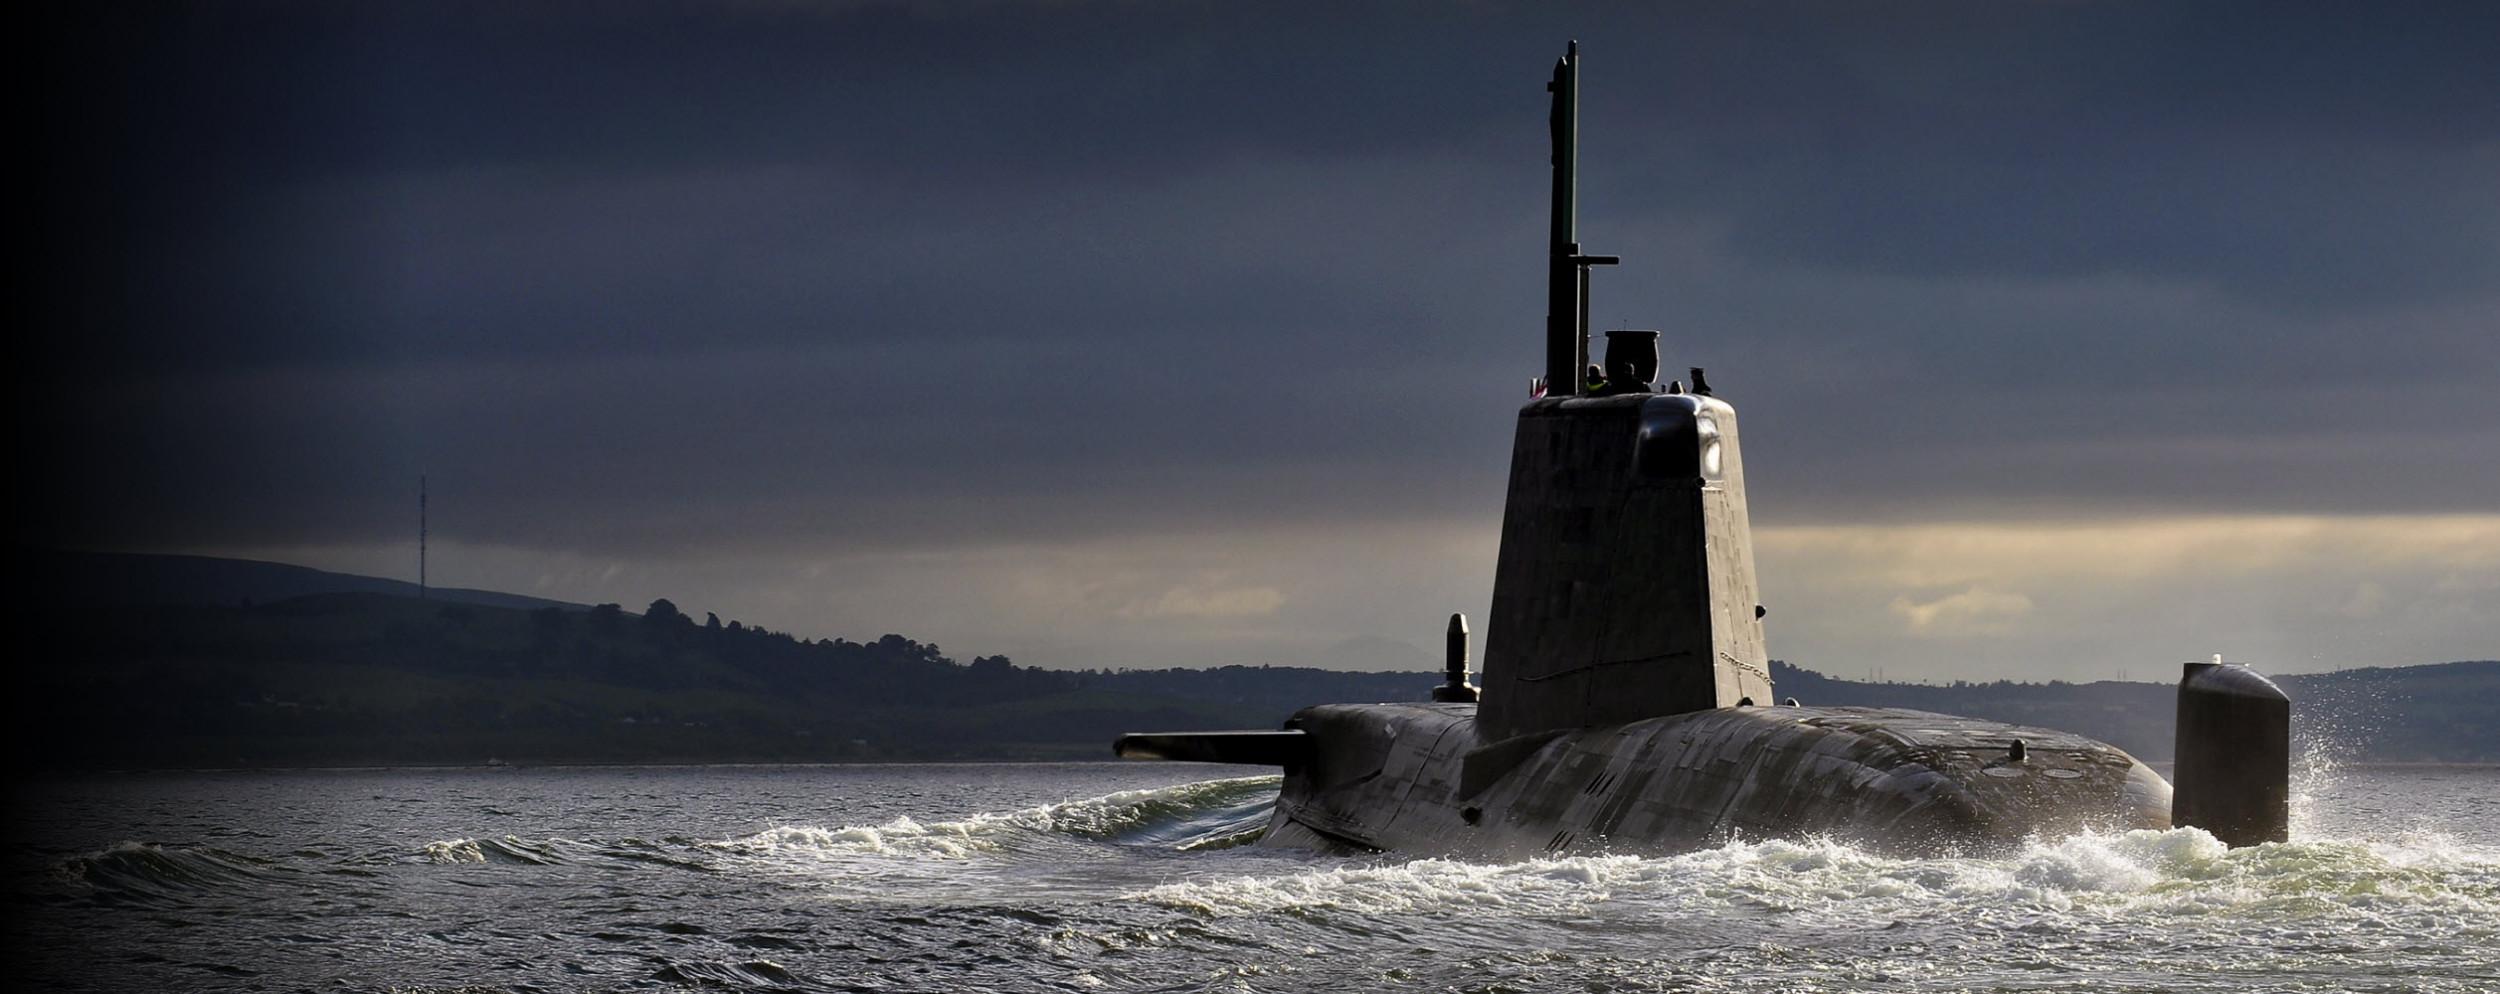 PDL Stock Image Submarine